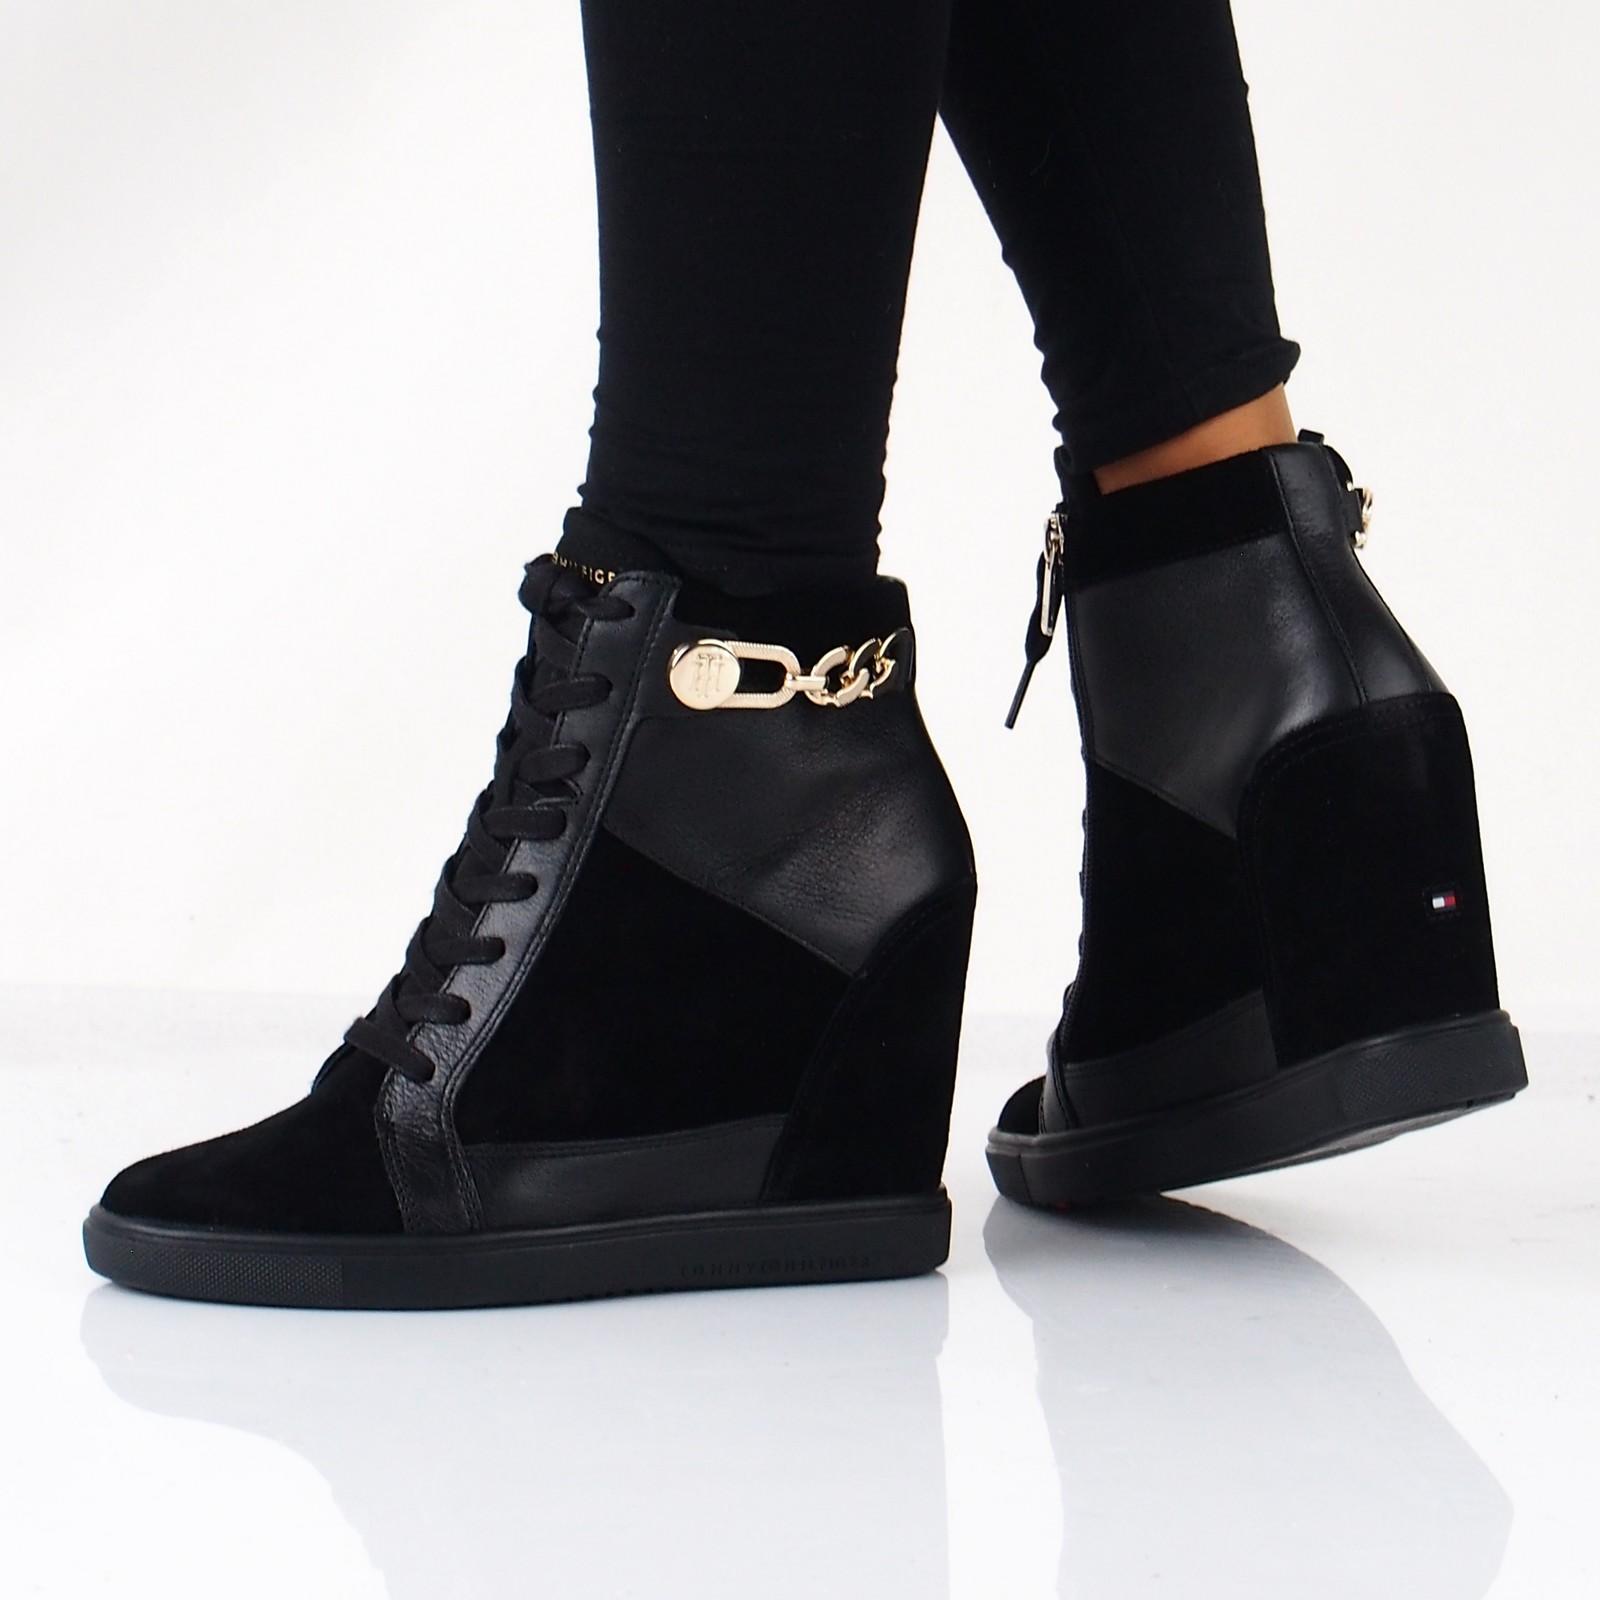 97dc6b8666d0 Tommy Hilfiger dámské stylové kotníkové boty na klinové podrážce - černé ...